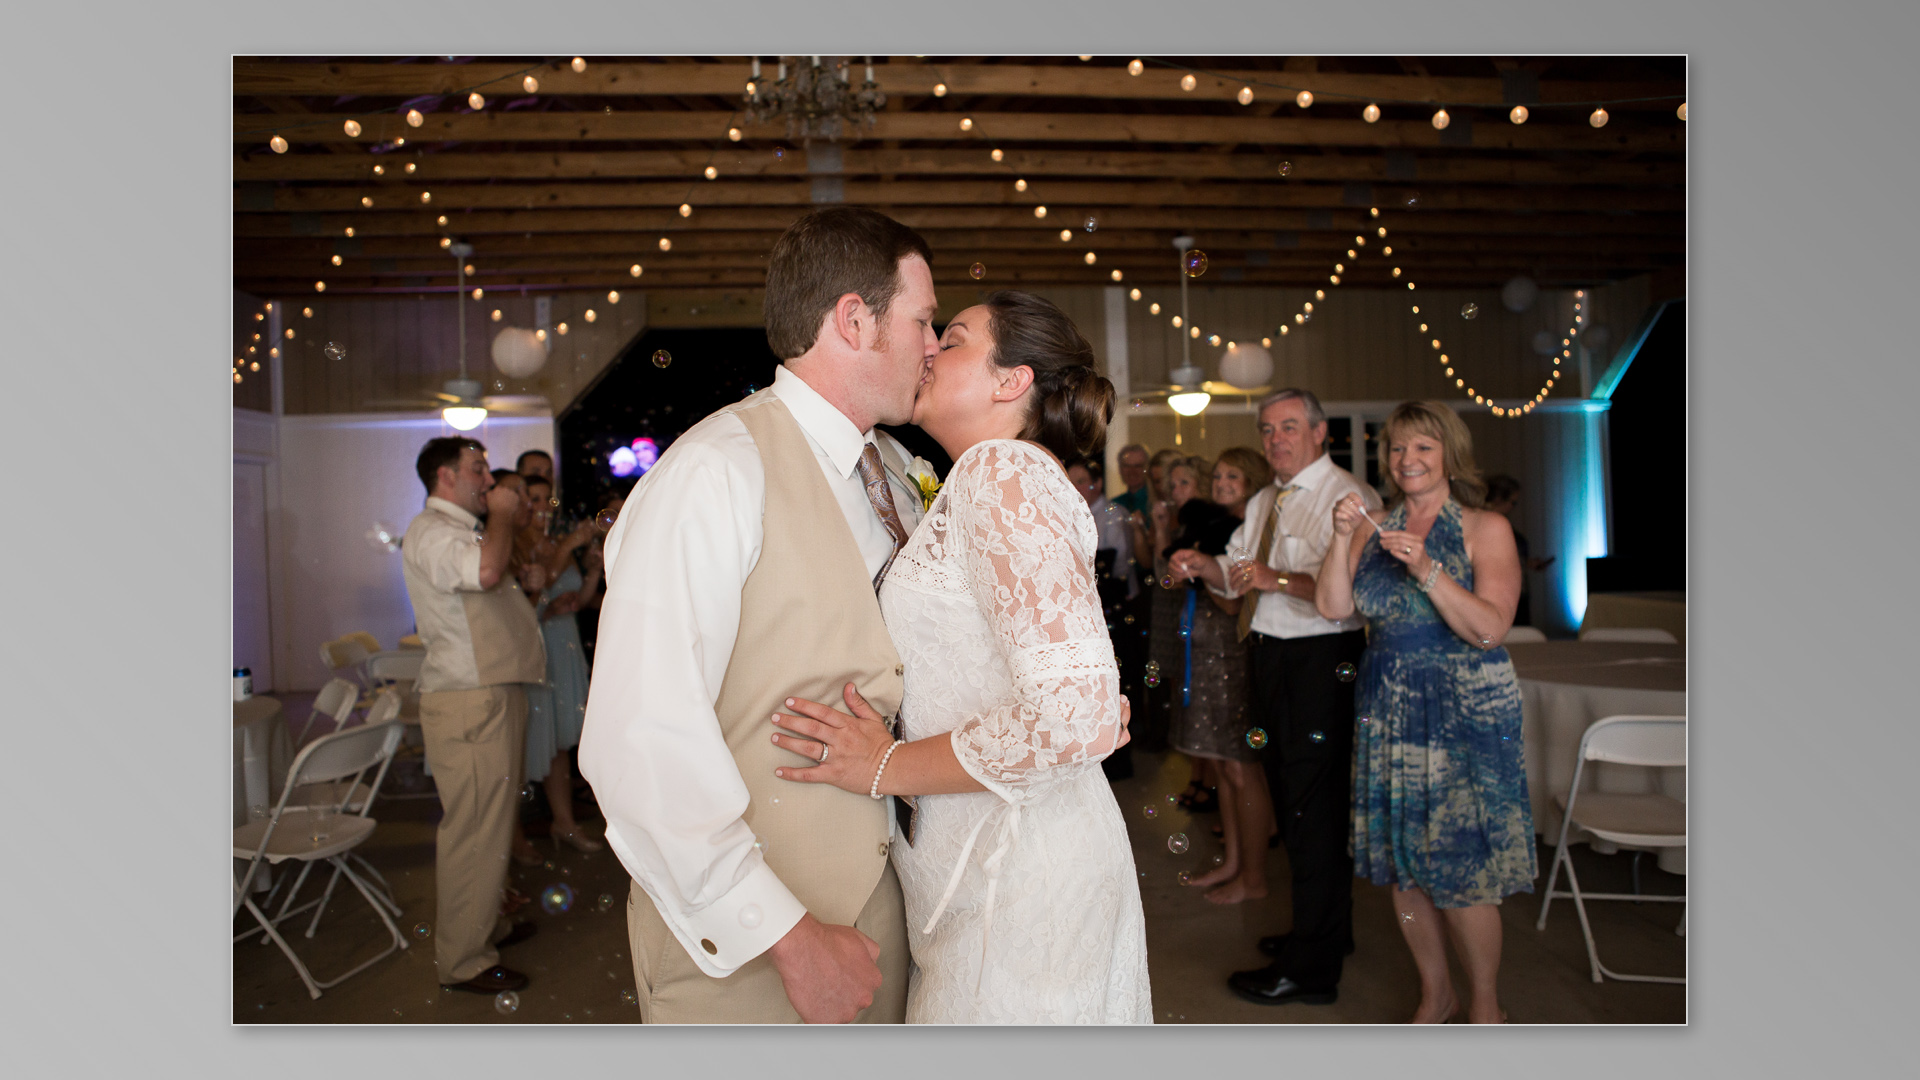 Knox Vegas DJs - Maryville, Tn - The Wedding